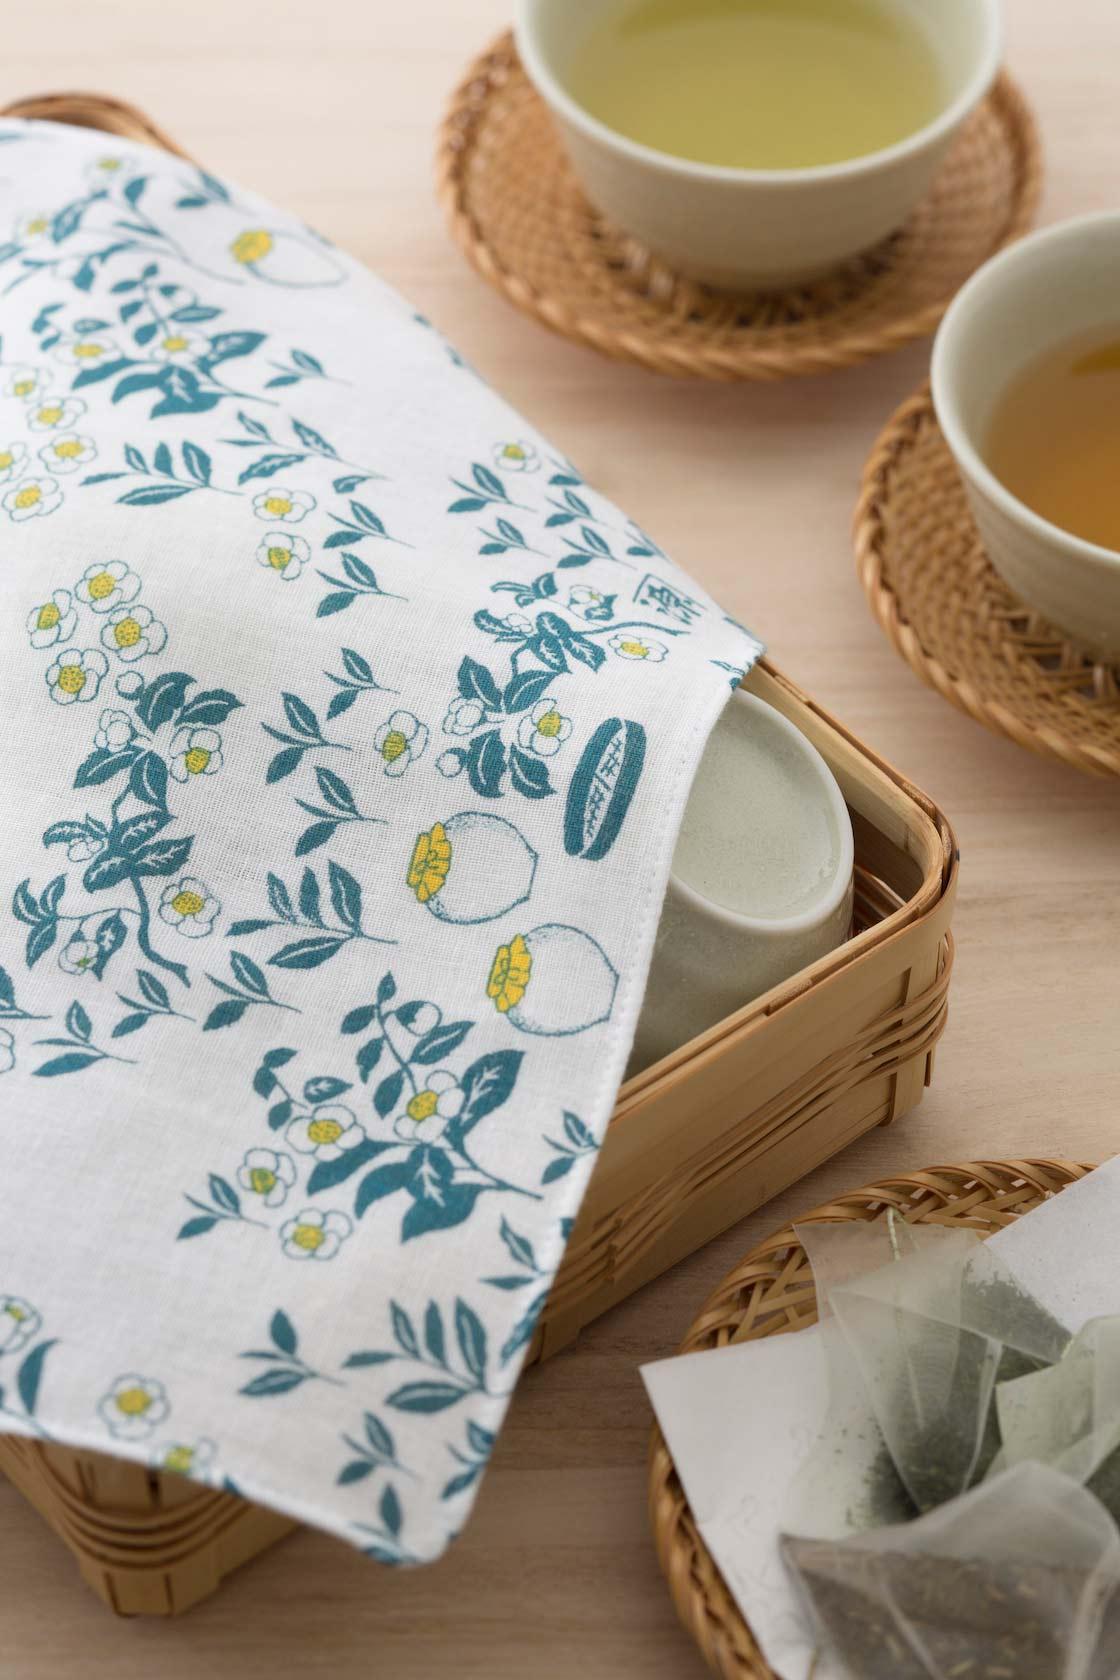 白い花が愛らしい茶小紋柄の布は、湯のみや茶器を拭ったりするのに便利